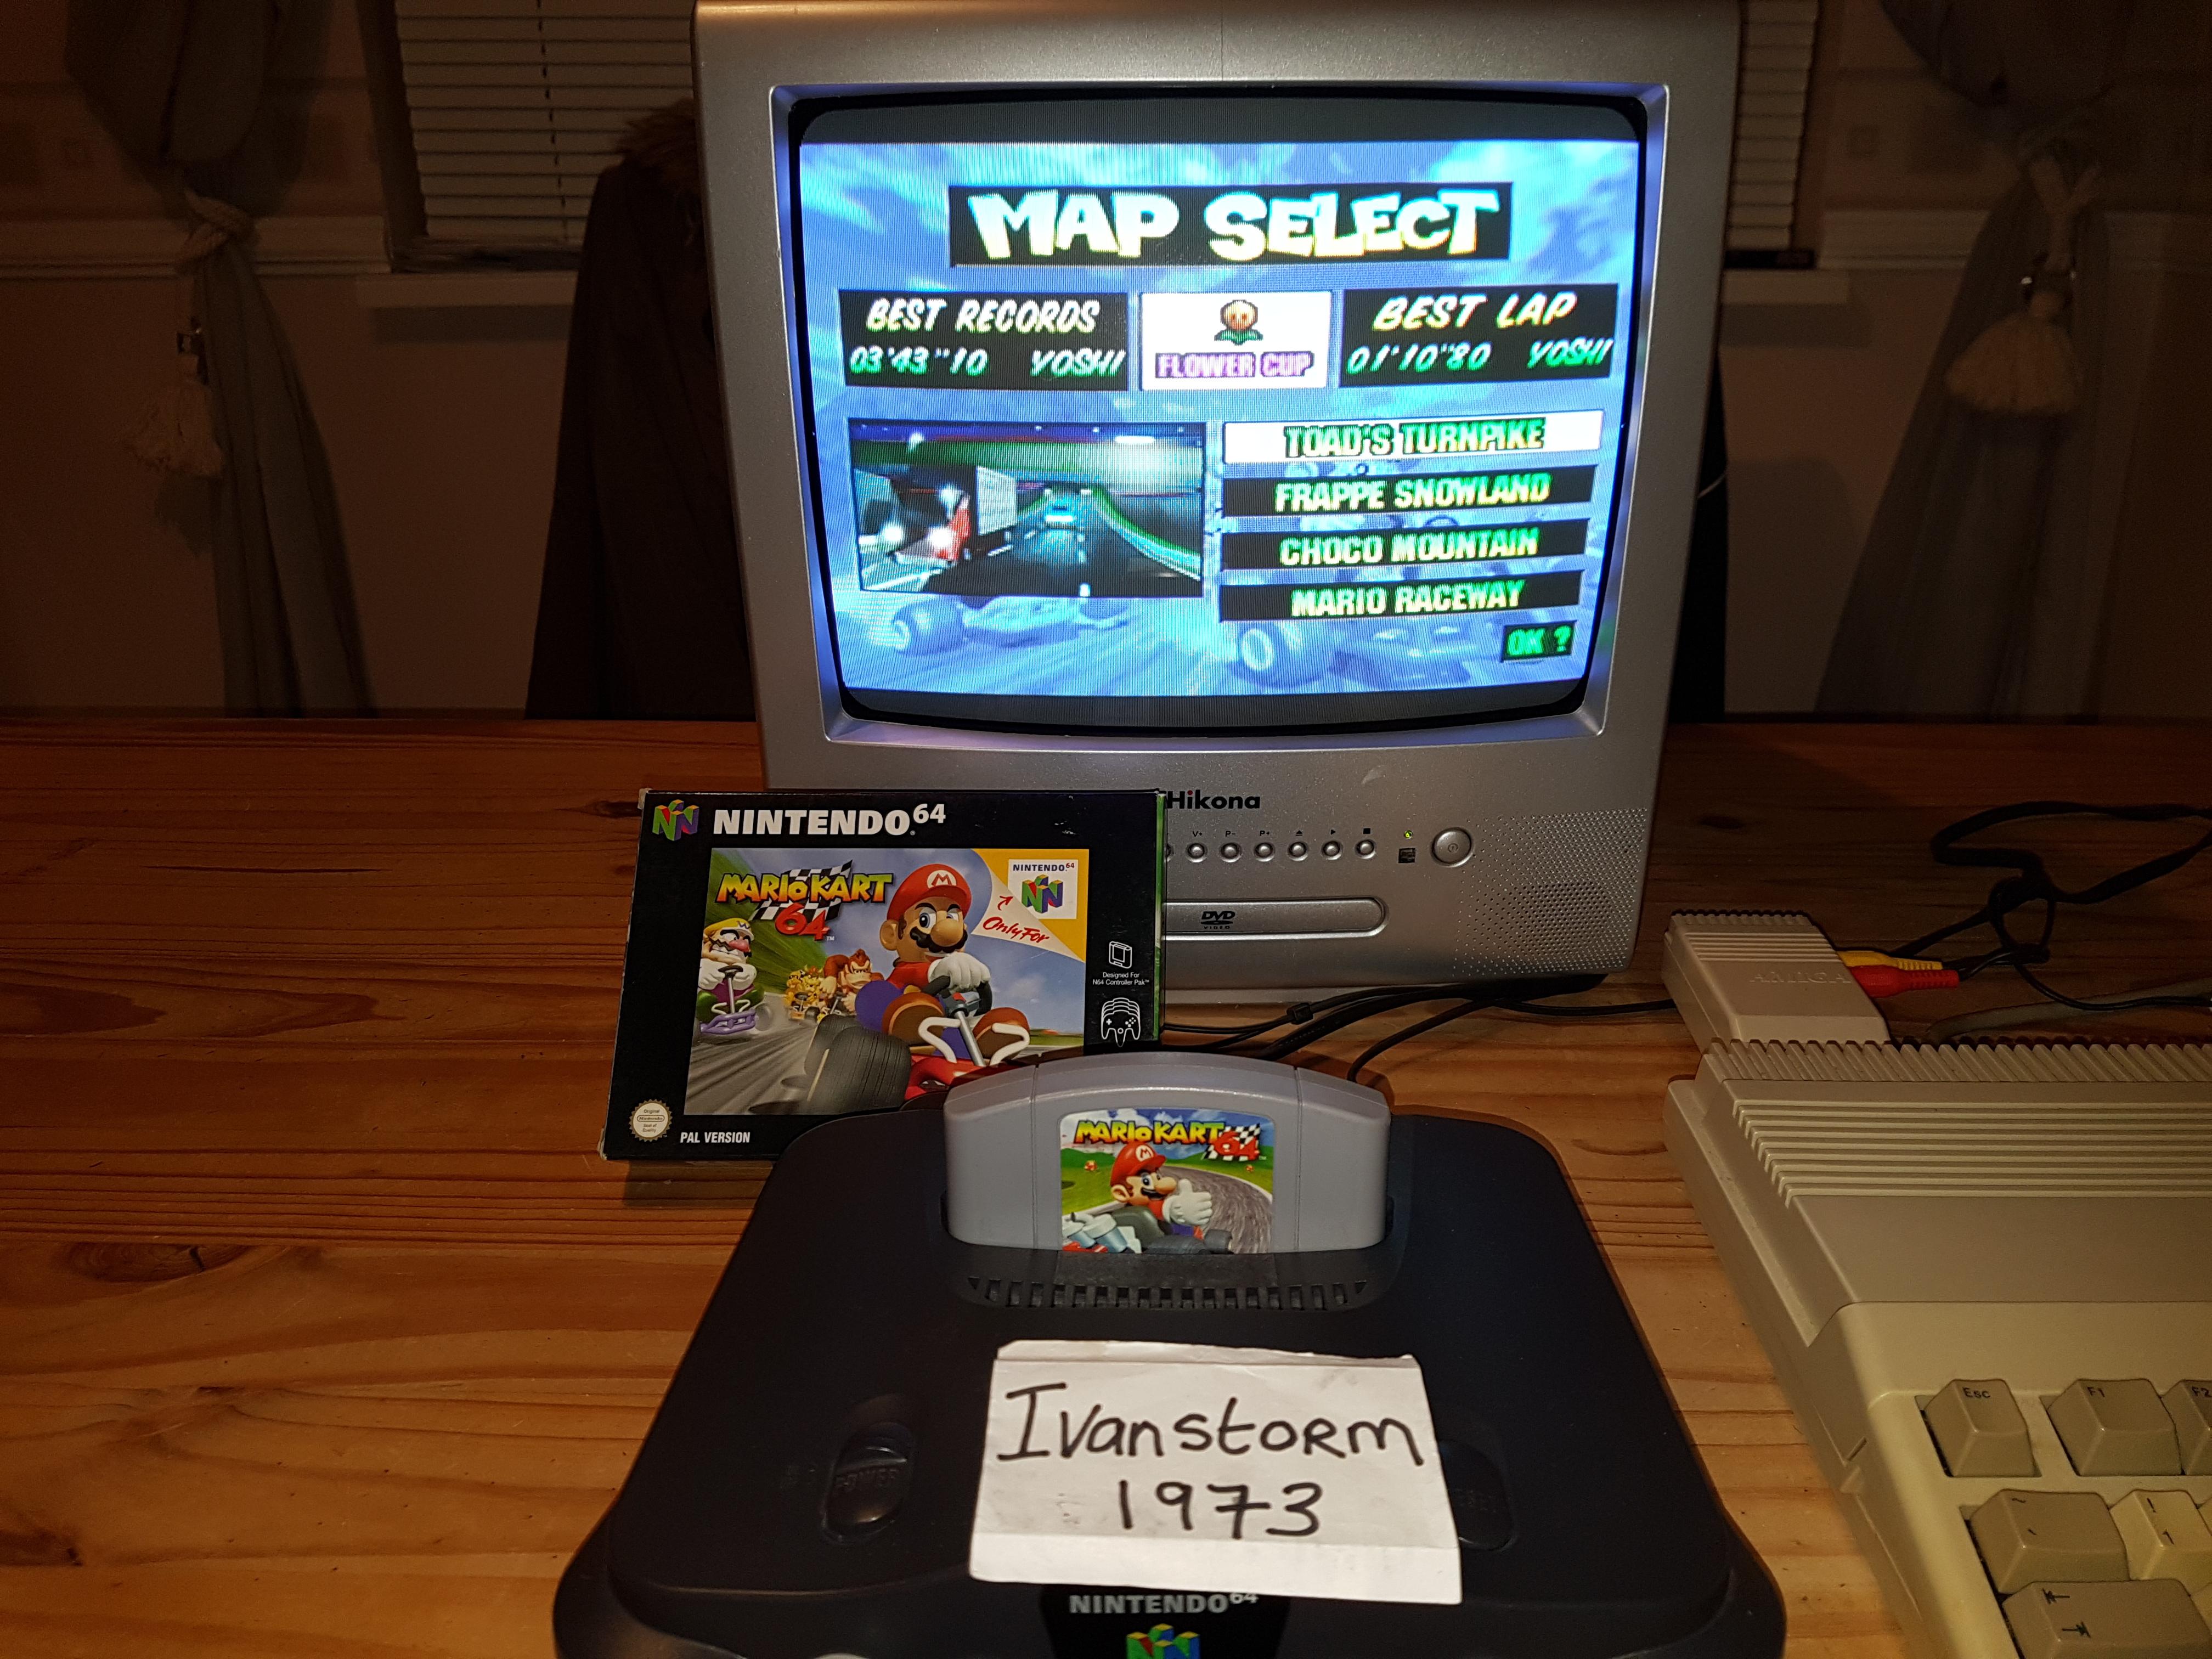 Ivanstorm1973: Mario Kart 64: Toad